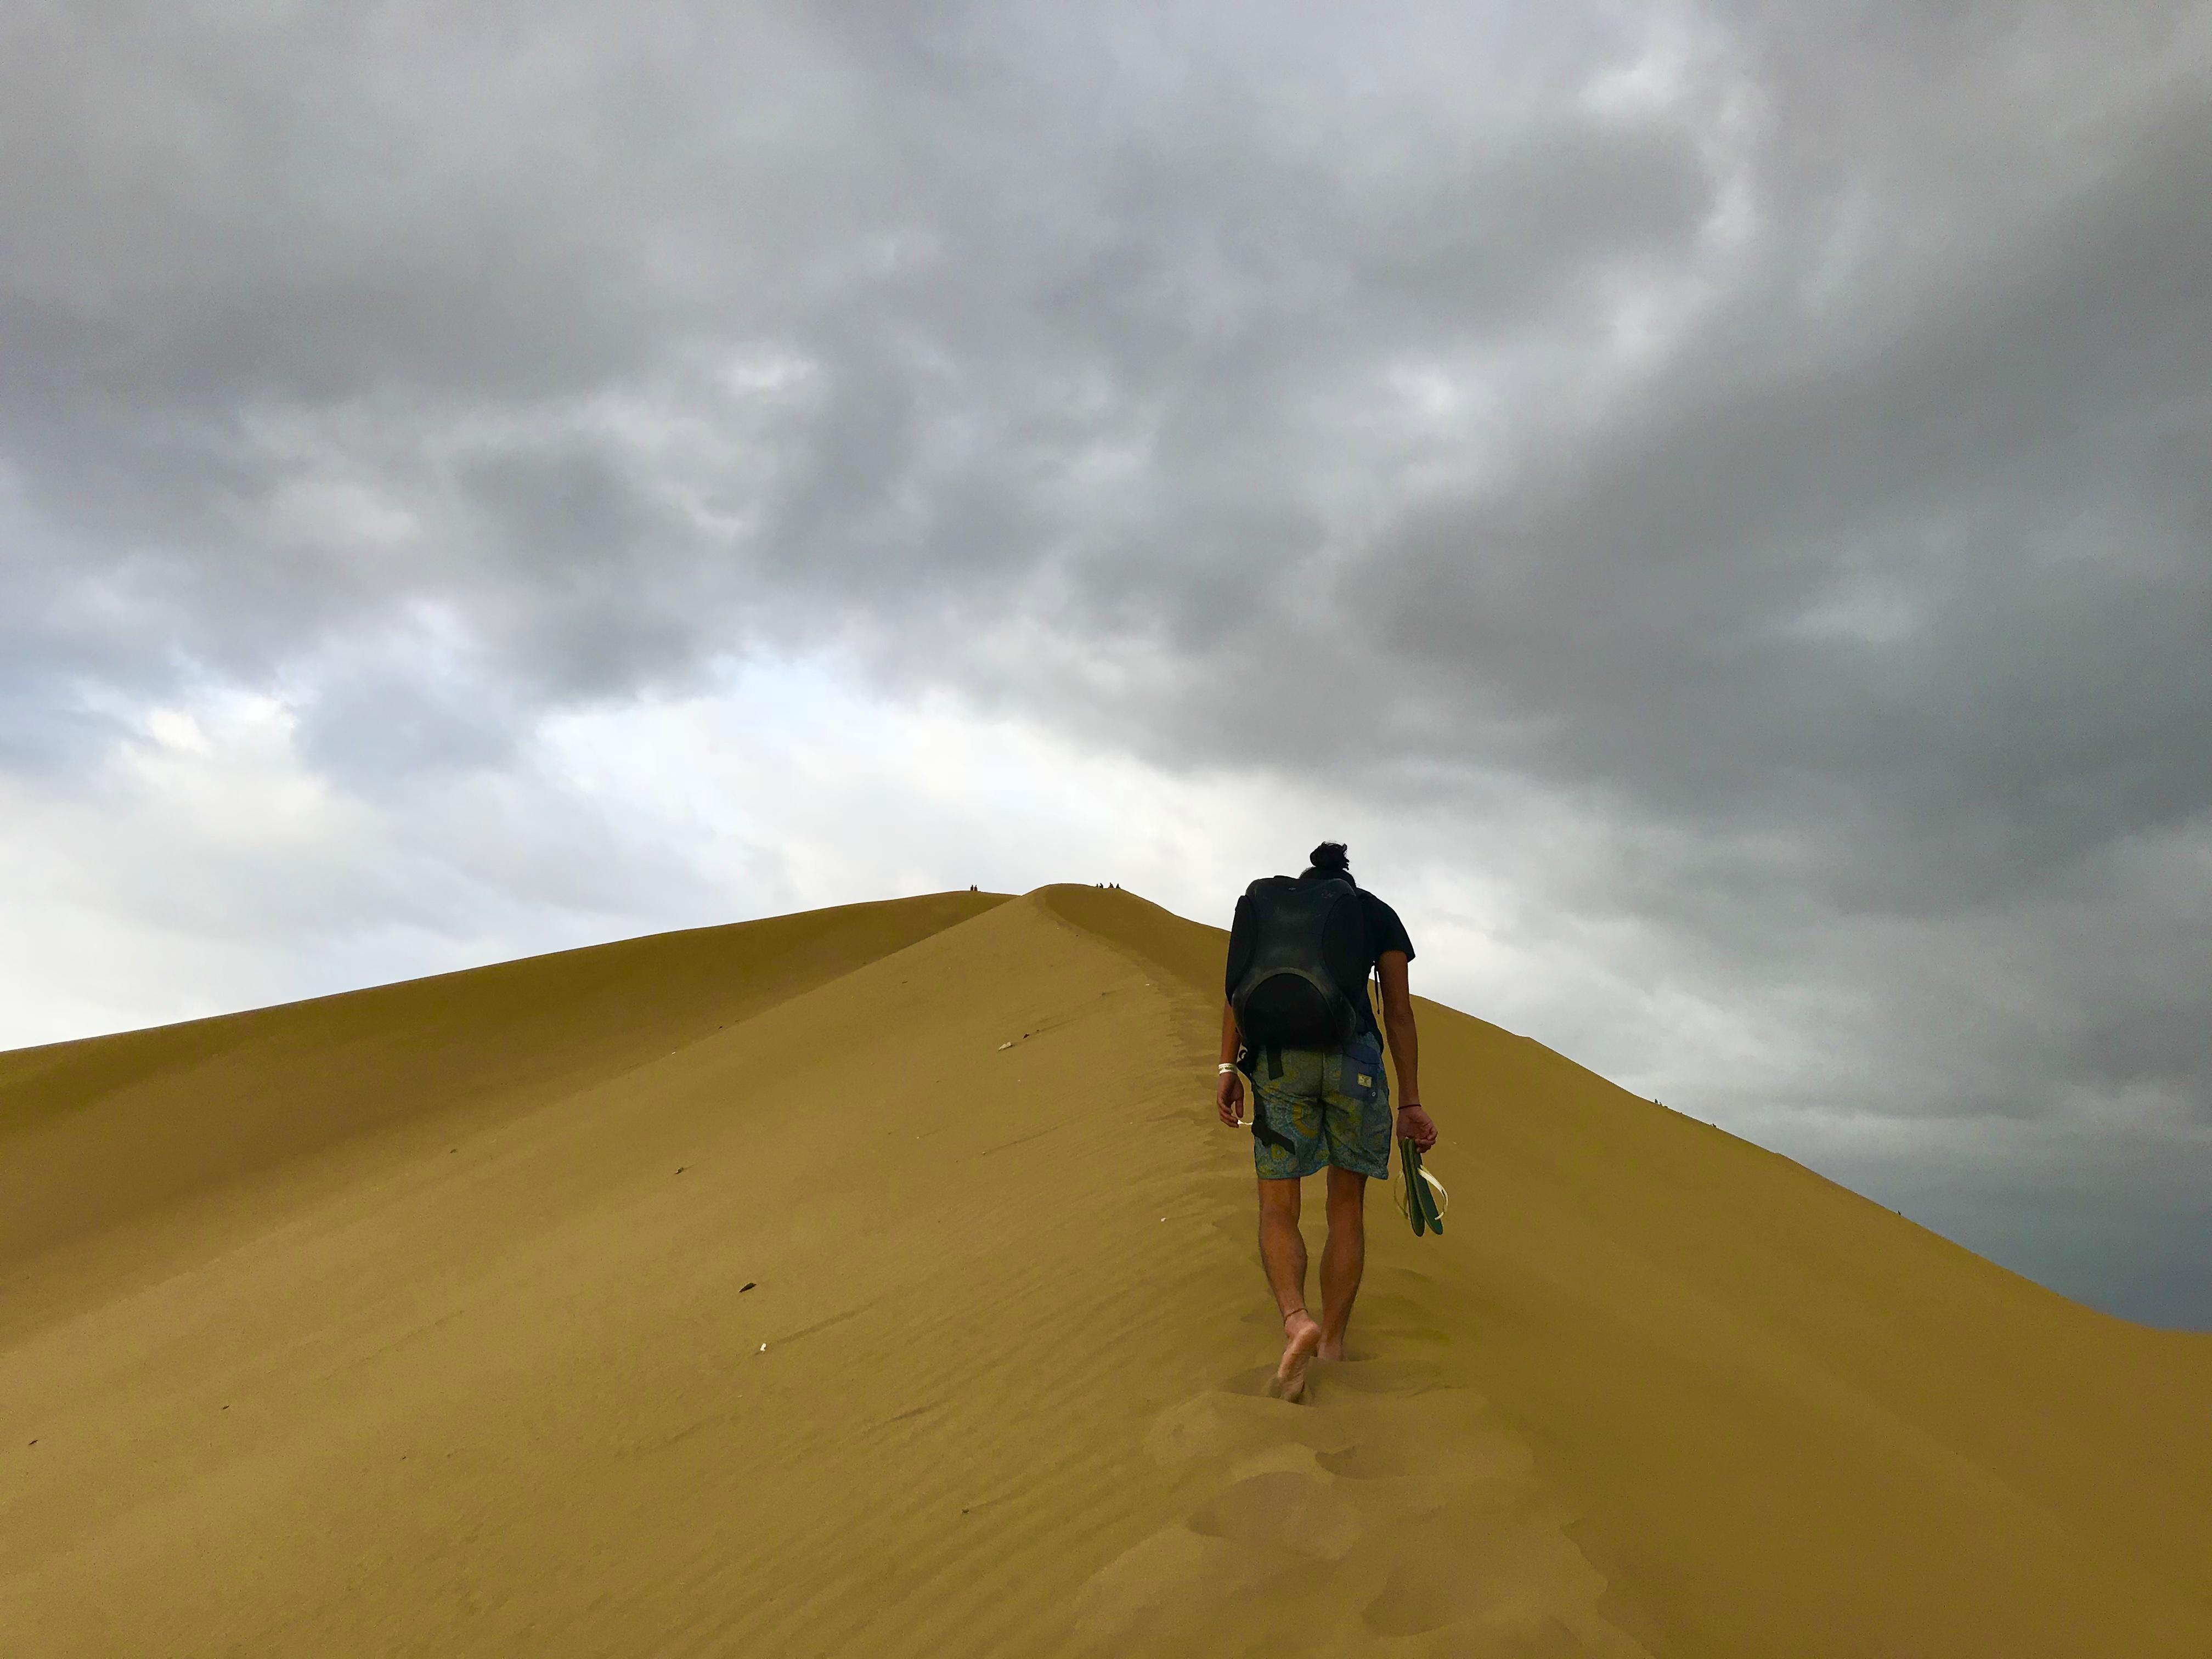 ワカチナで砂漠を登るチパコプター